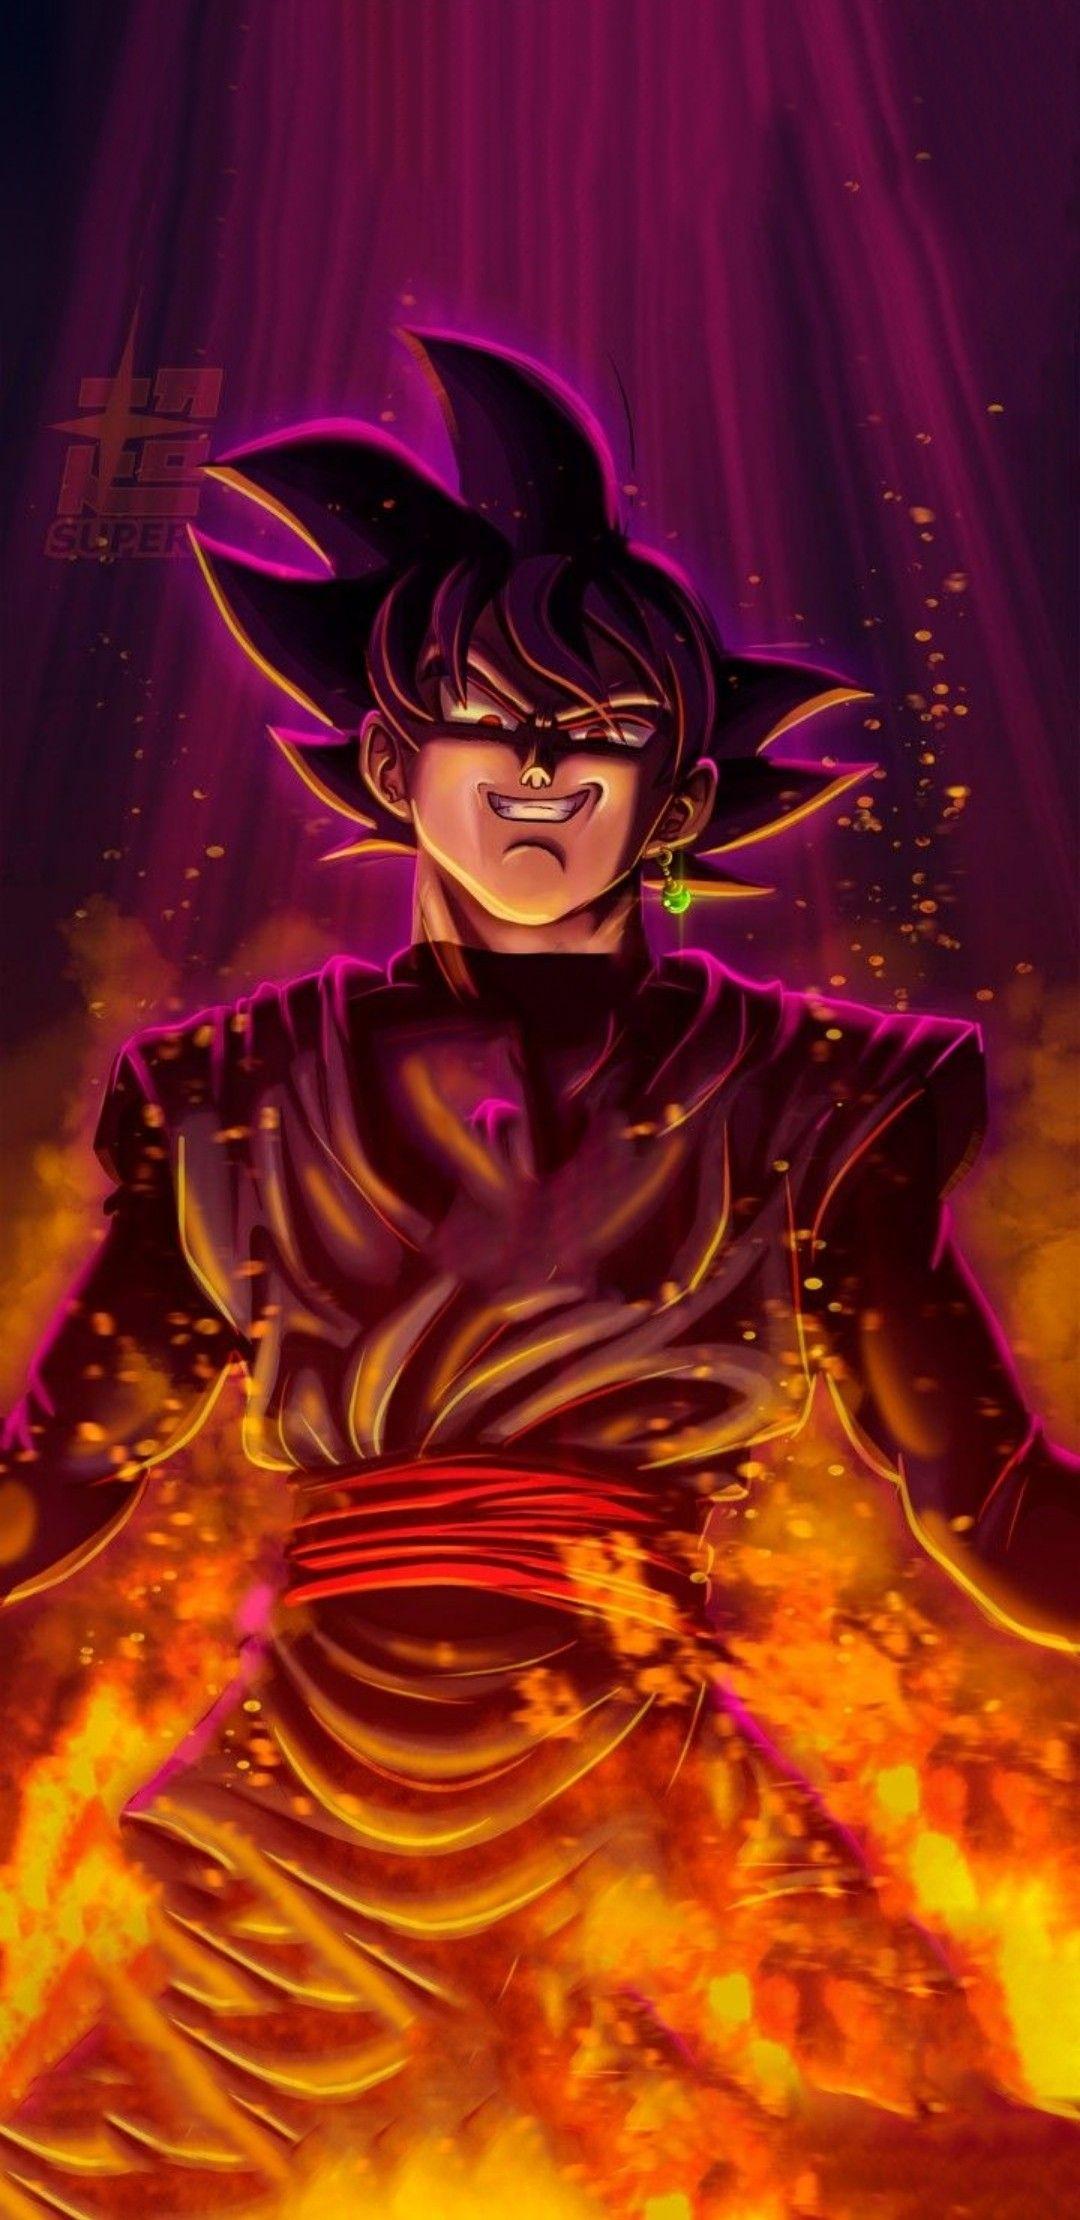 Goku B L A C K Dragon Ball Goku Anime Dragon Ball Super Dragon Ball Super Manga